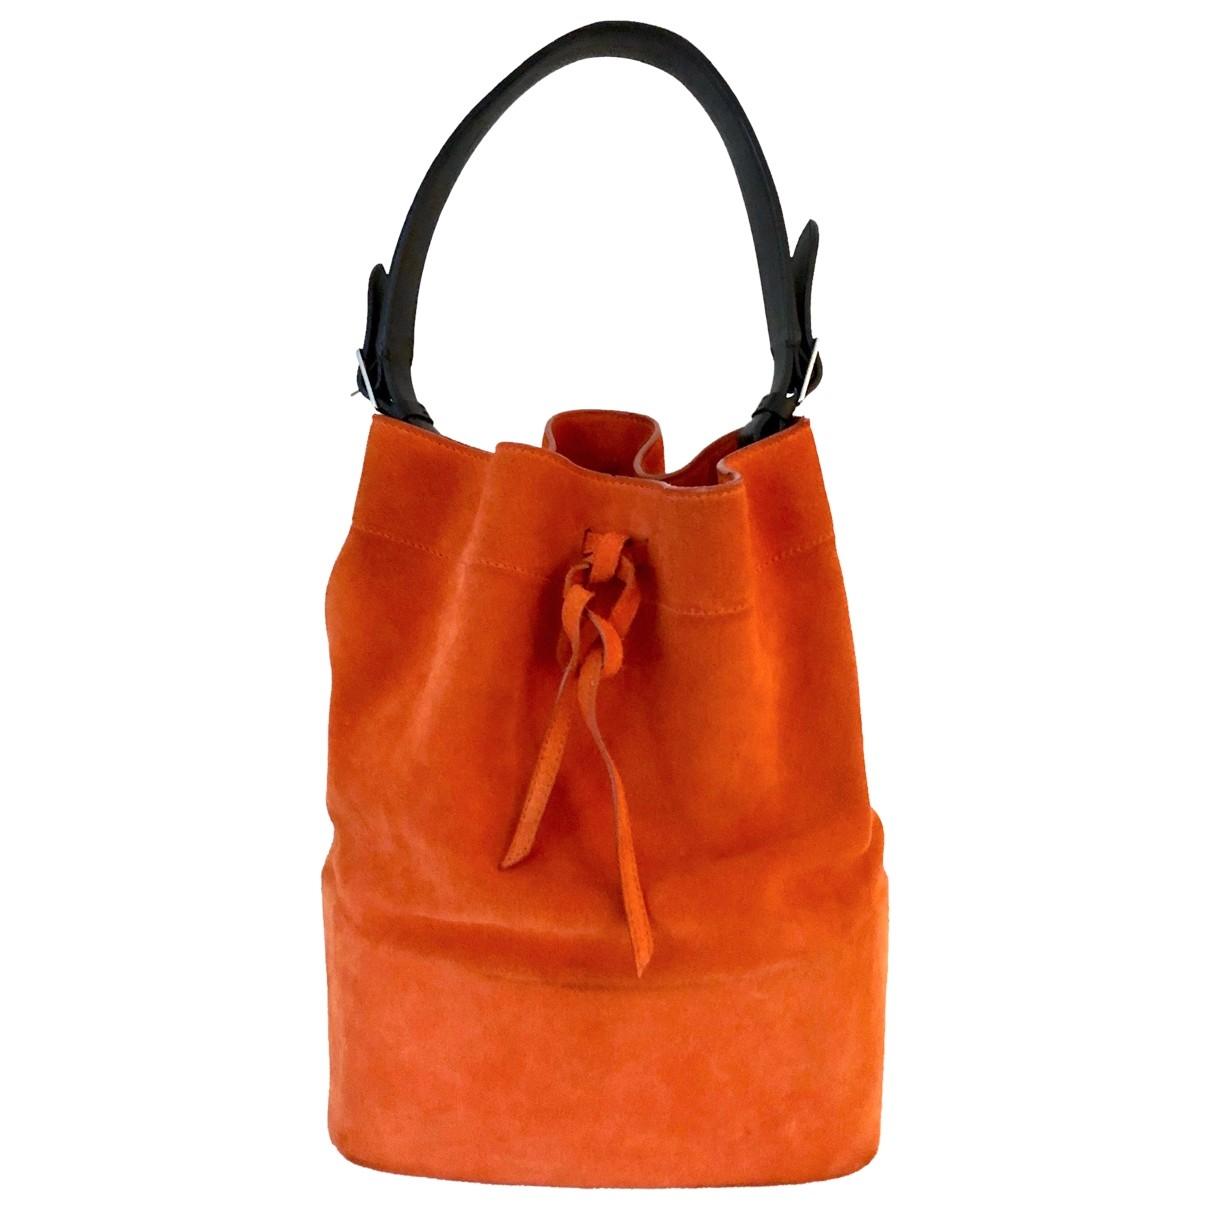 Celine \N Orange Suede handbag for Women \N